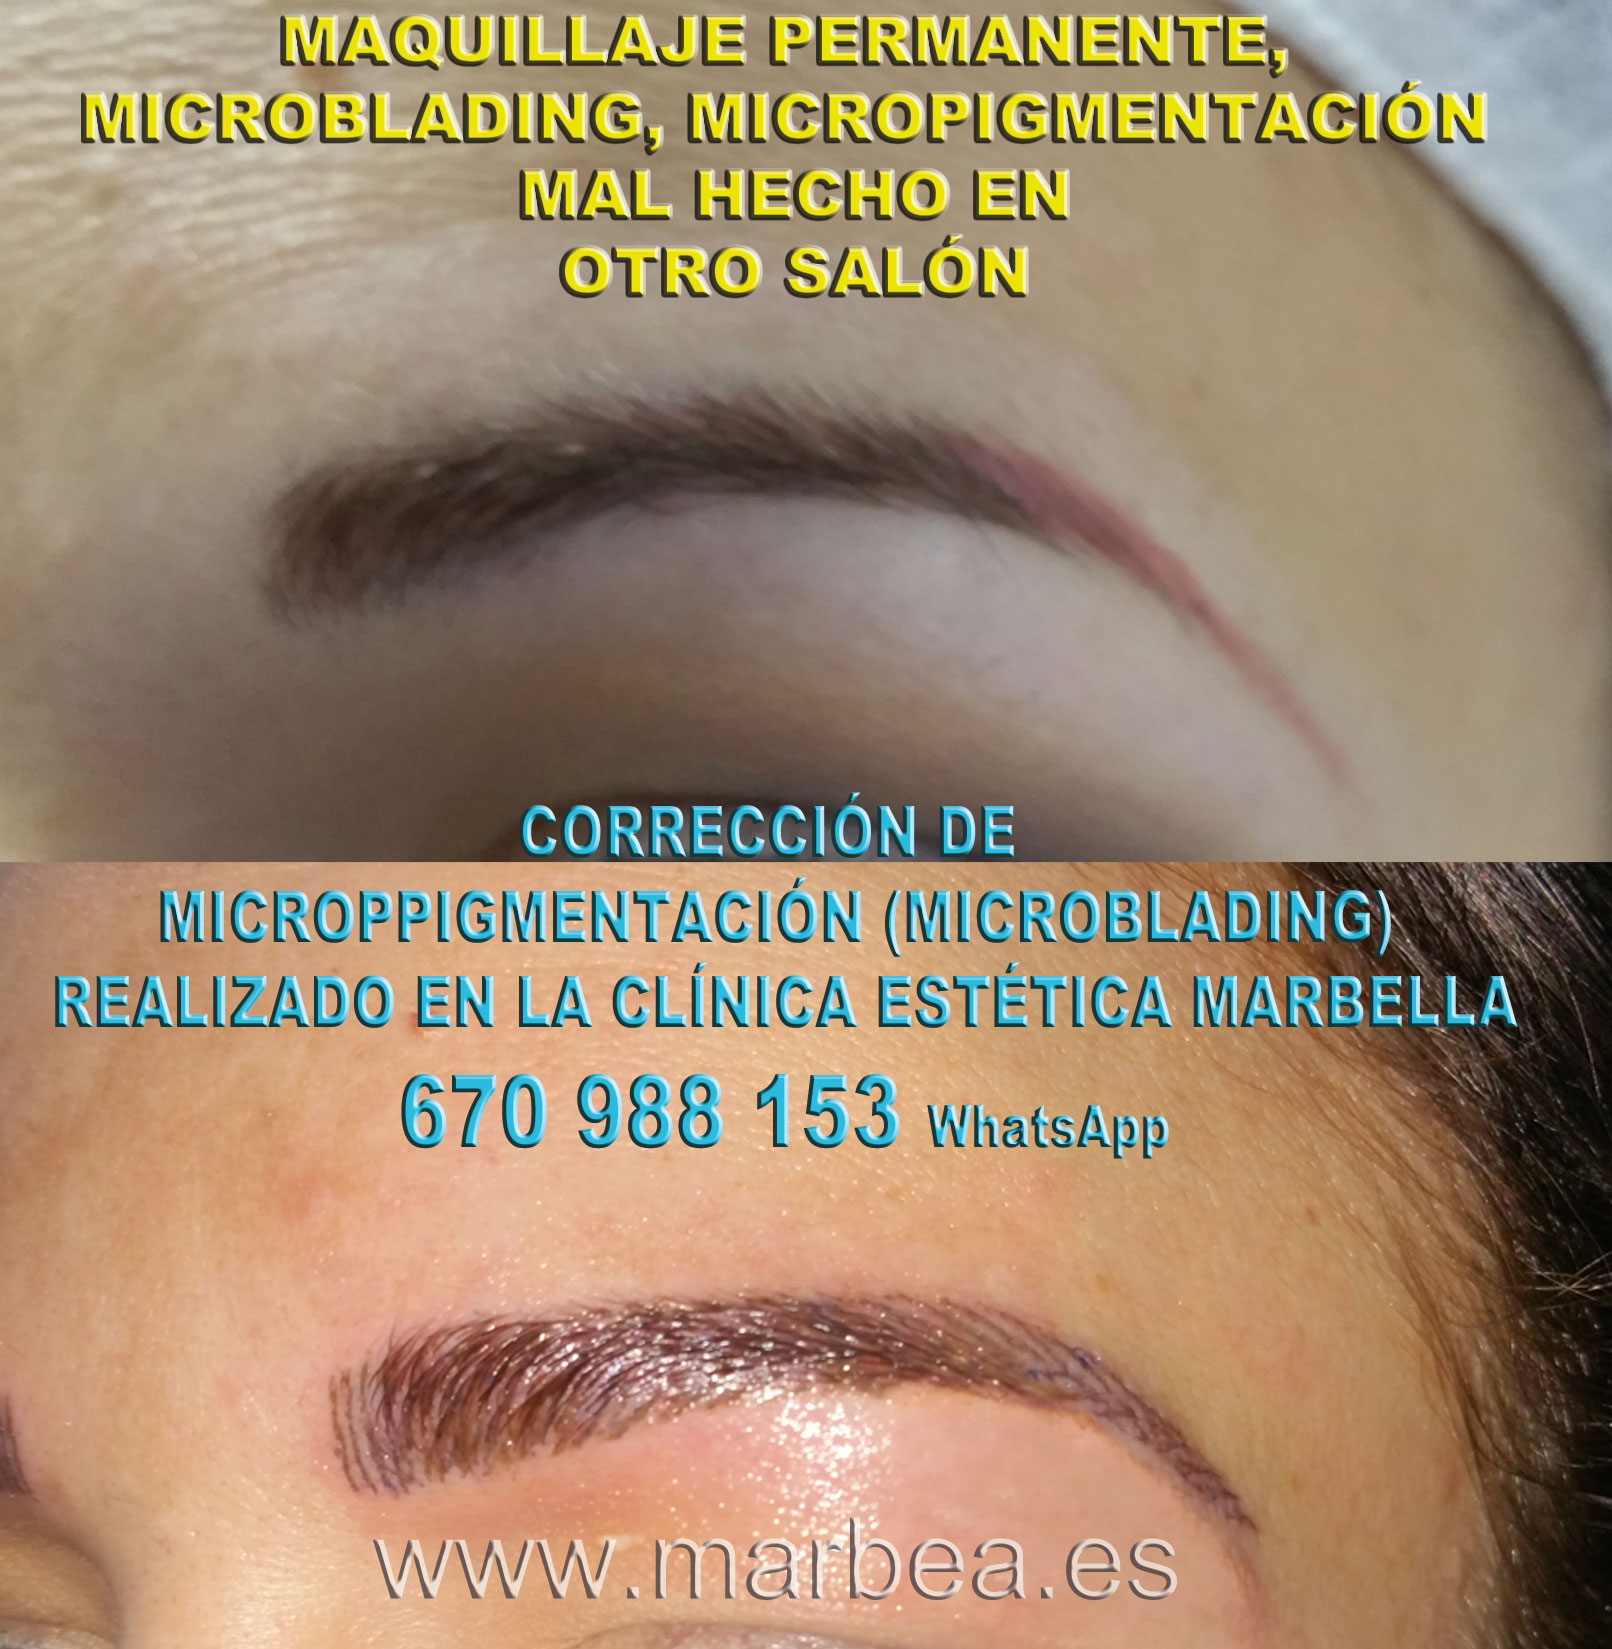 MAQUILLAJE PERMANENTE CEJAS MAL HECHO clínica estética maquillaje semipermanente propone como aclarar la micropigmentación cejas,reparamos microppigmentacion mal hechos